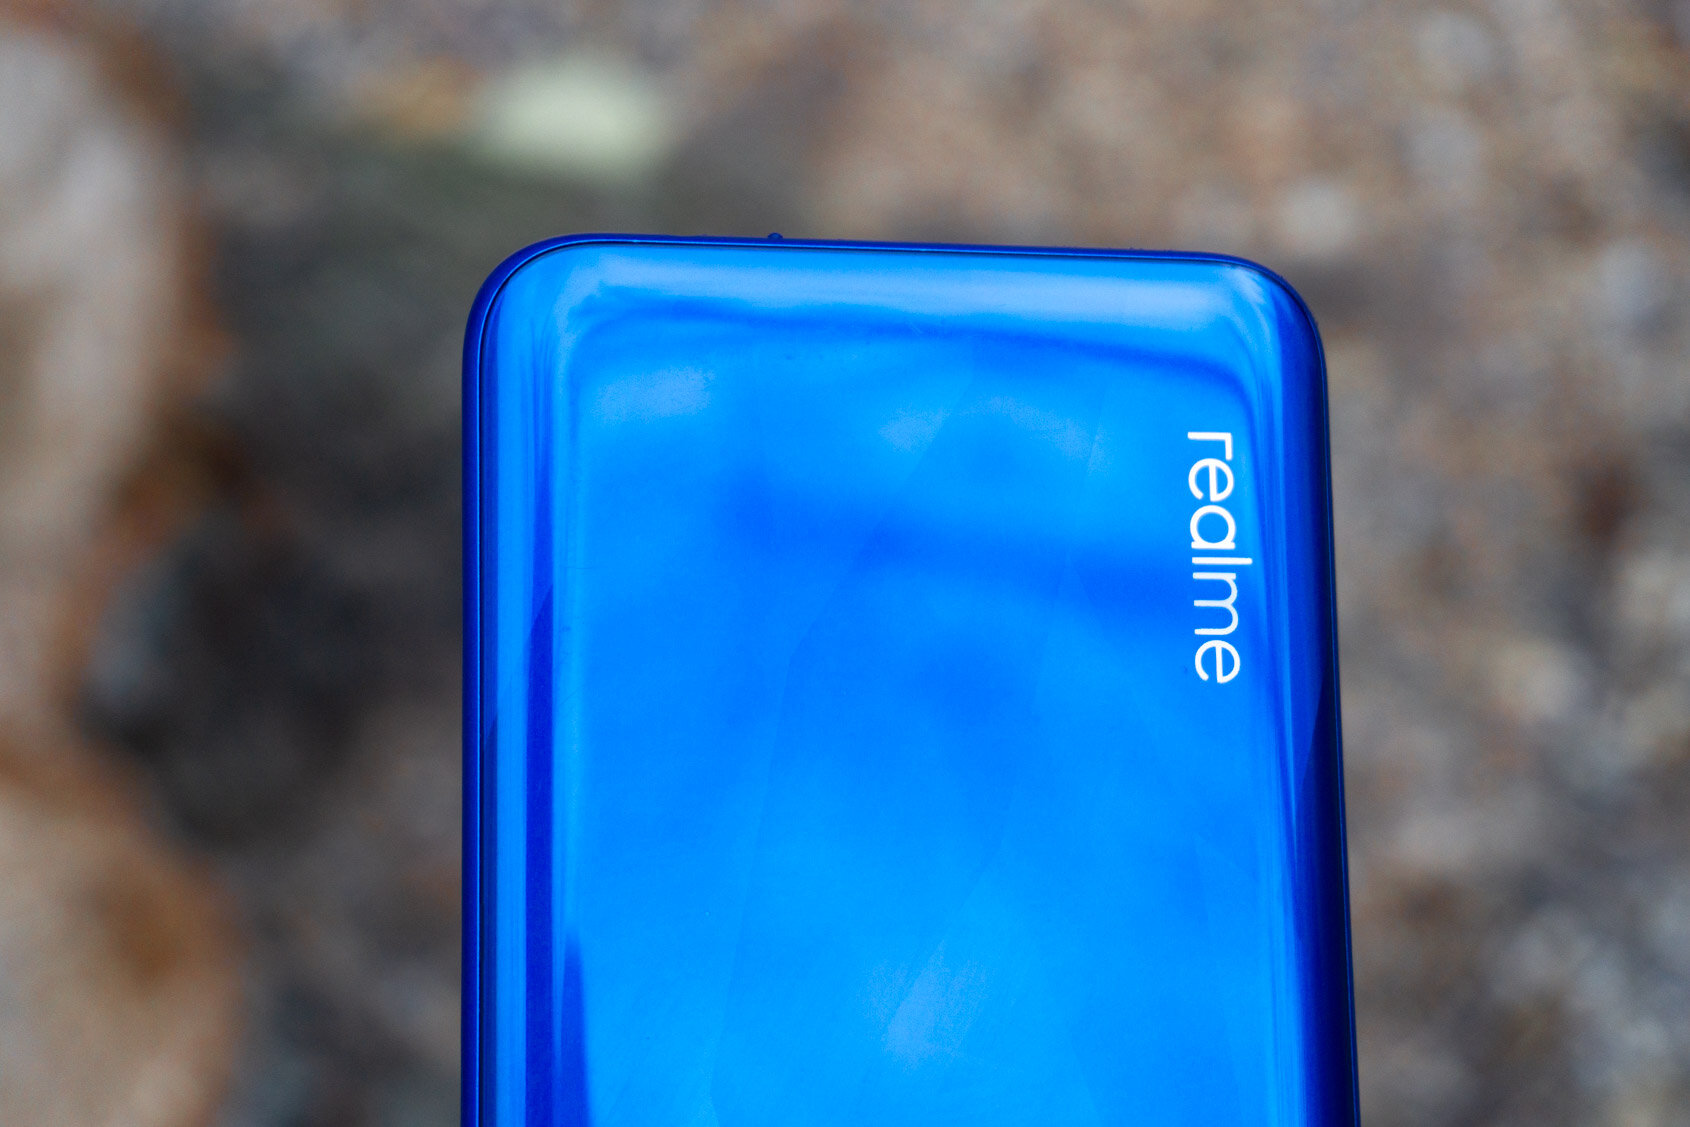 Сегодня на территории Китая состоялась презентация Realme Q2 который позиционируется в качестве бюджетного смартфона Новинка имеет пластиковый корпус предлагается в